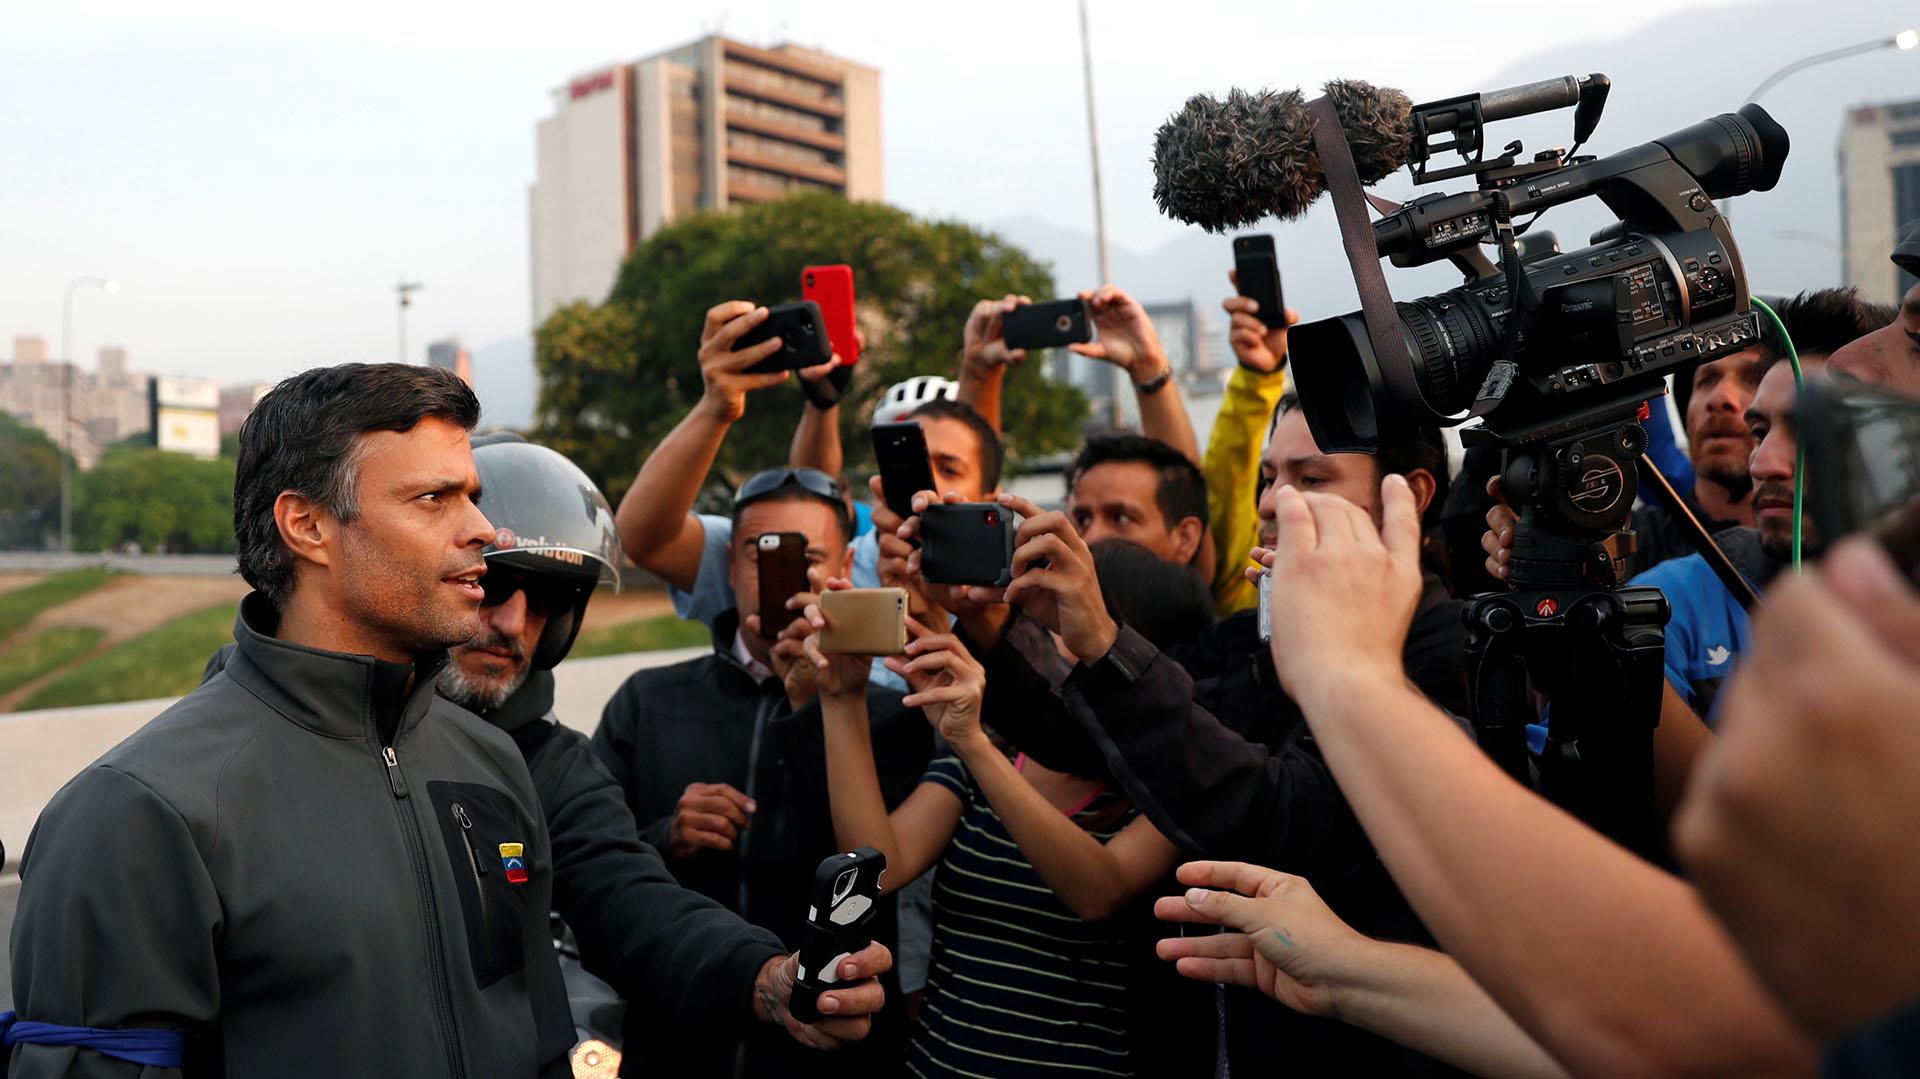 Leopoldo Lopez habla con la prensa en Caracas el 30 de abril de 2019. REUTERS/Carlos Garcia Rawlins